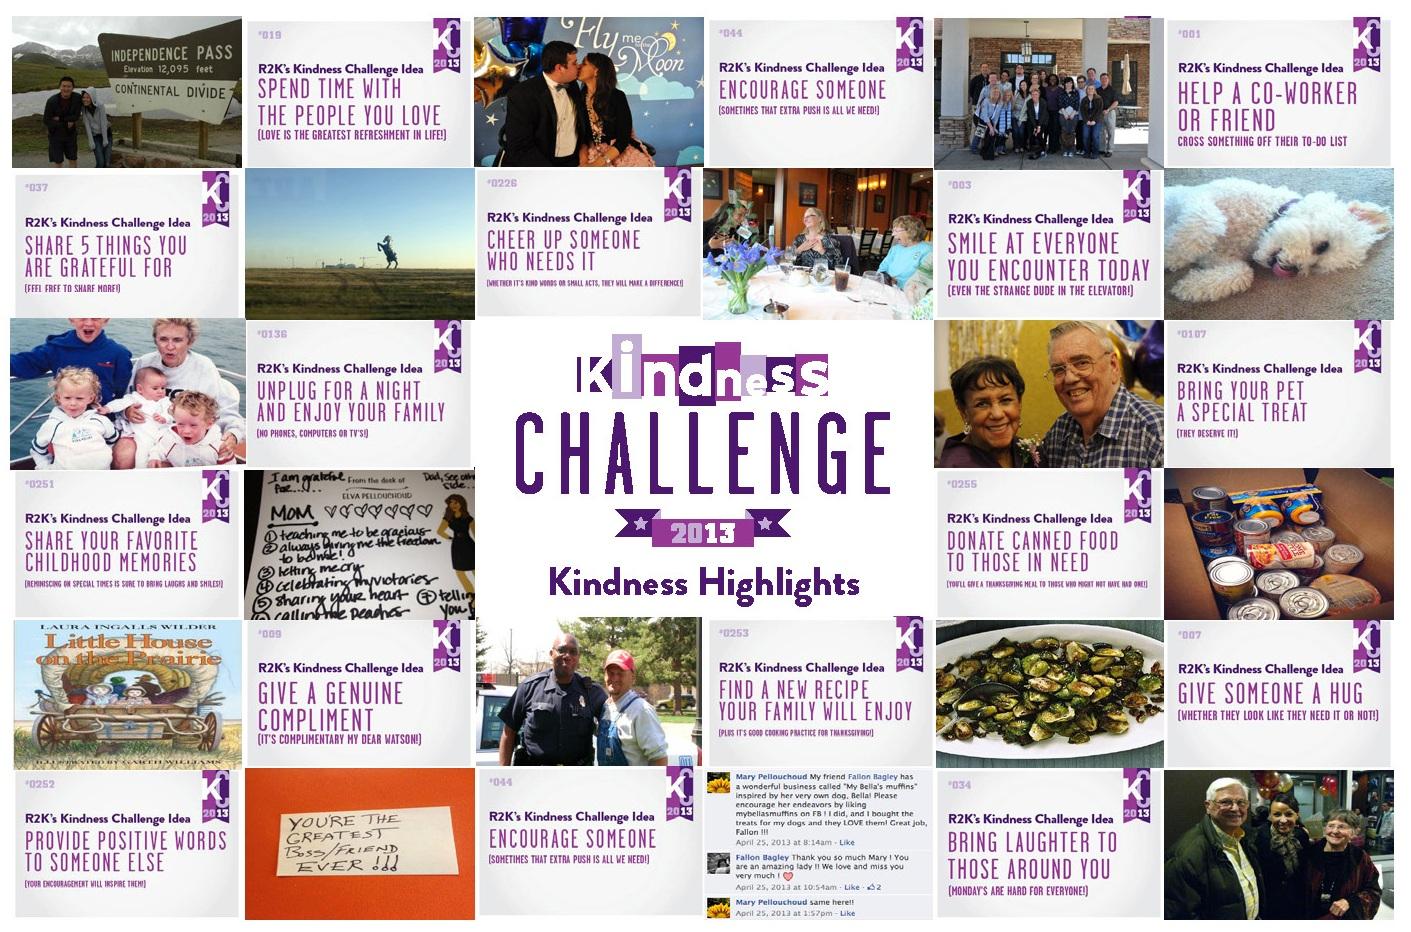 R2K-1126+Kindness+Challenge+Highlights+Collage_final.jpg